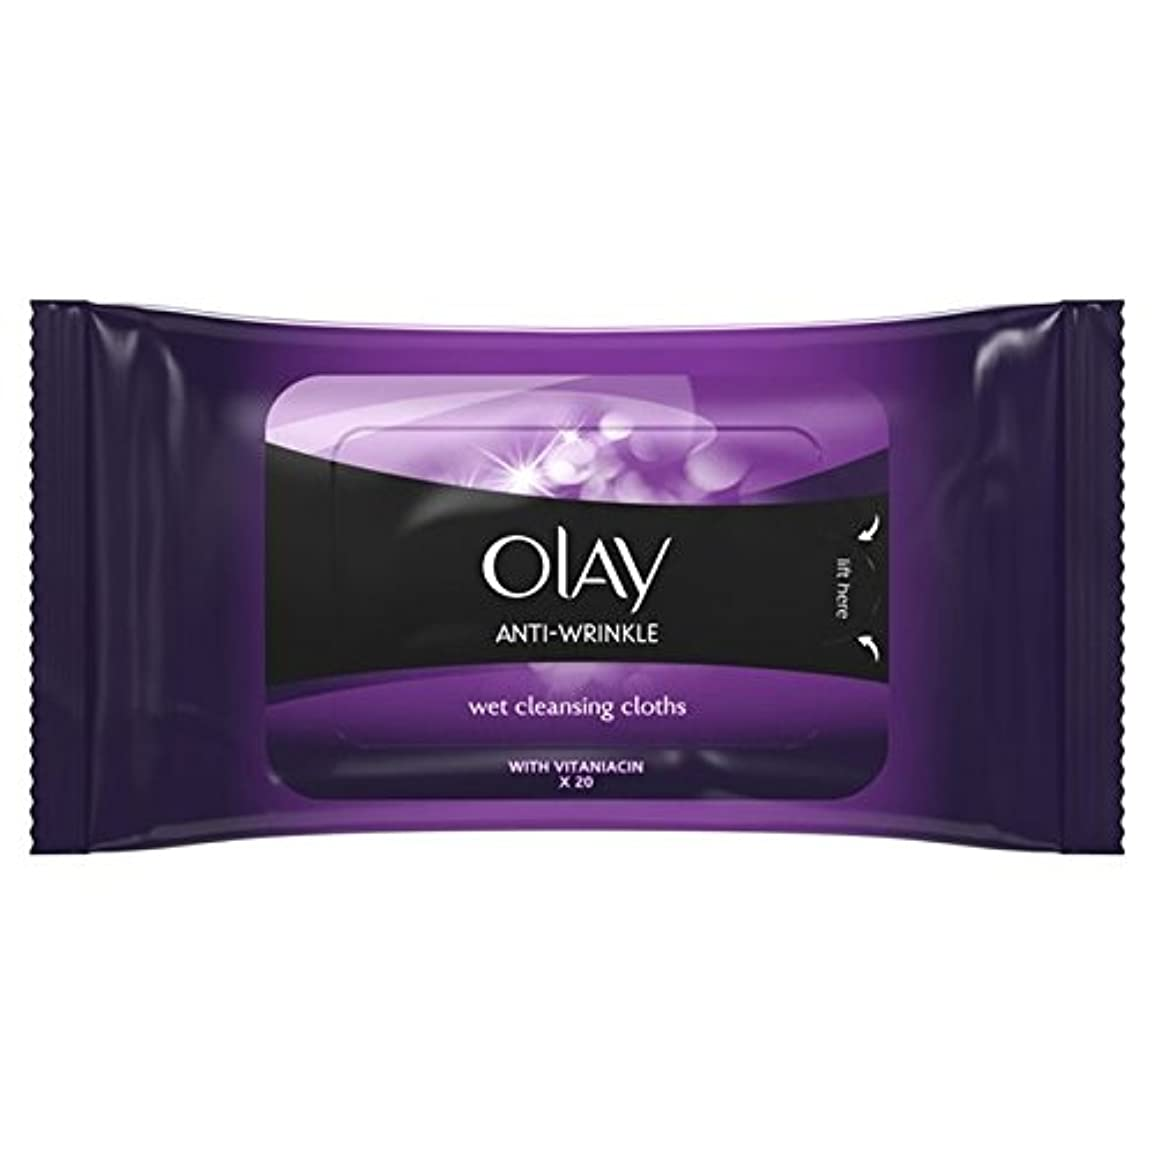 ホールドオール否認する村Olay Anti Wrinkle Firm & Lift Wet Cleansing Wipes 20 per pack - パックごとに20ワイプ抗シワ事務所をオーレイ&湿ったクレンジングを持ち上げます [並行輸入品]